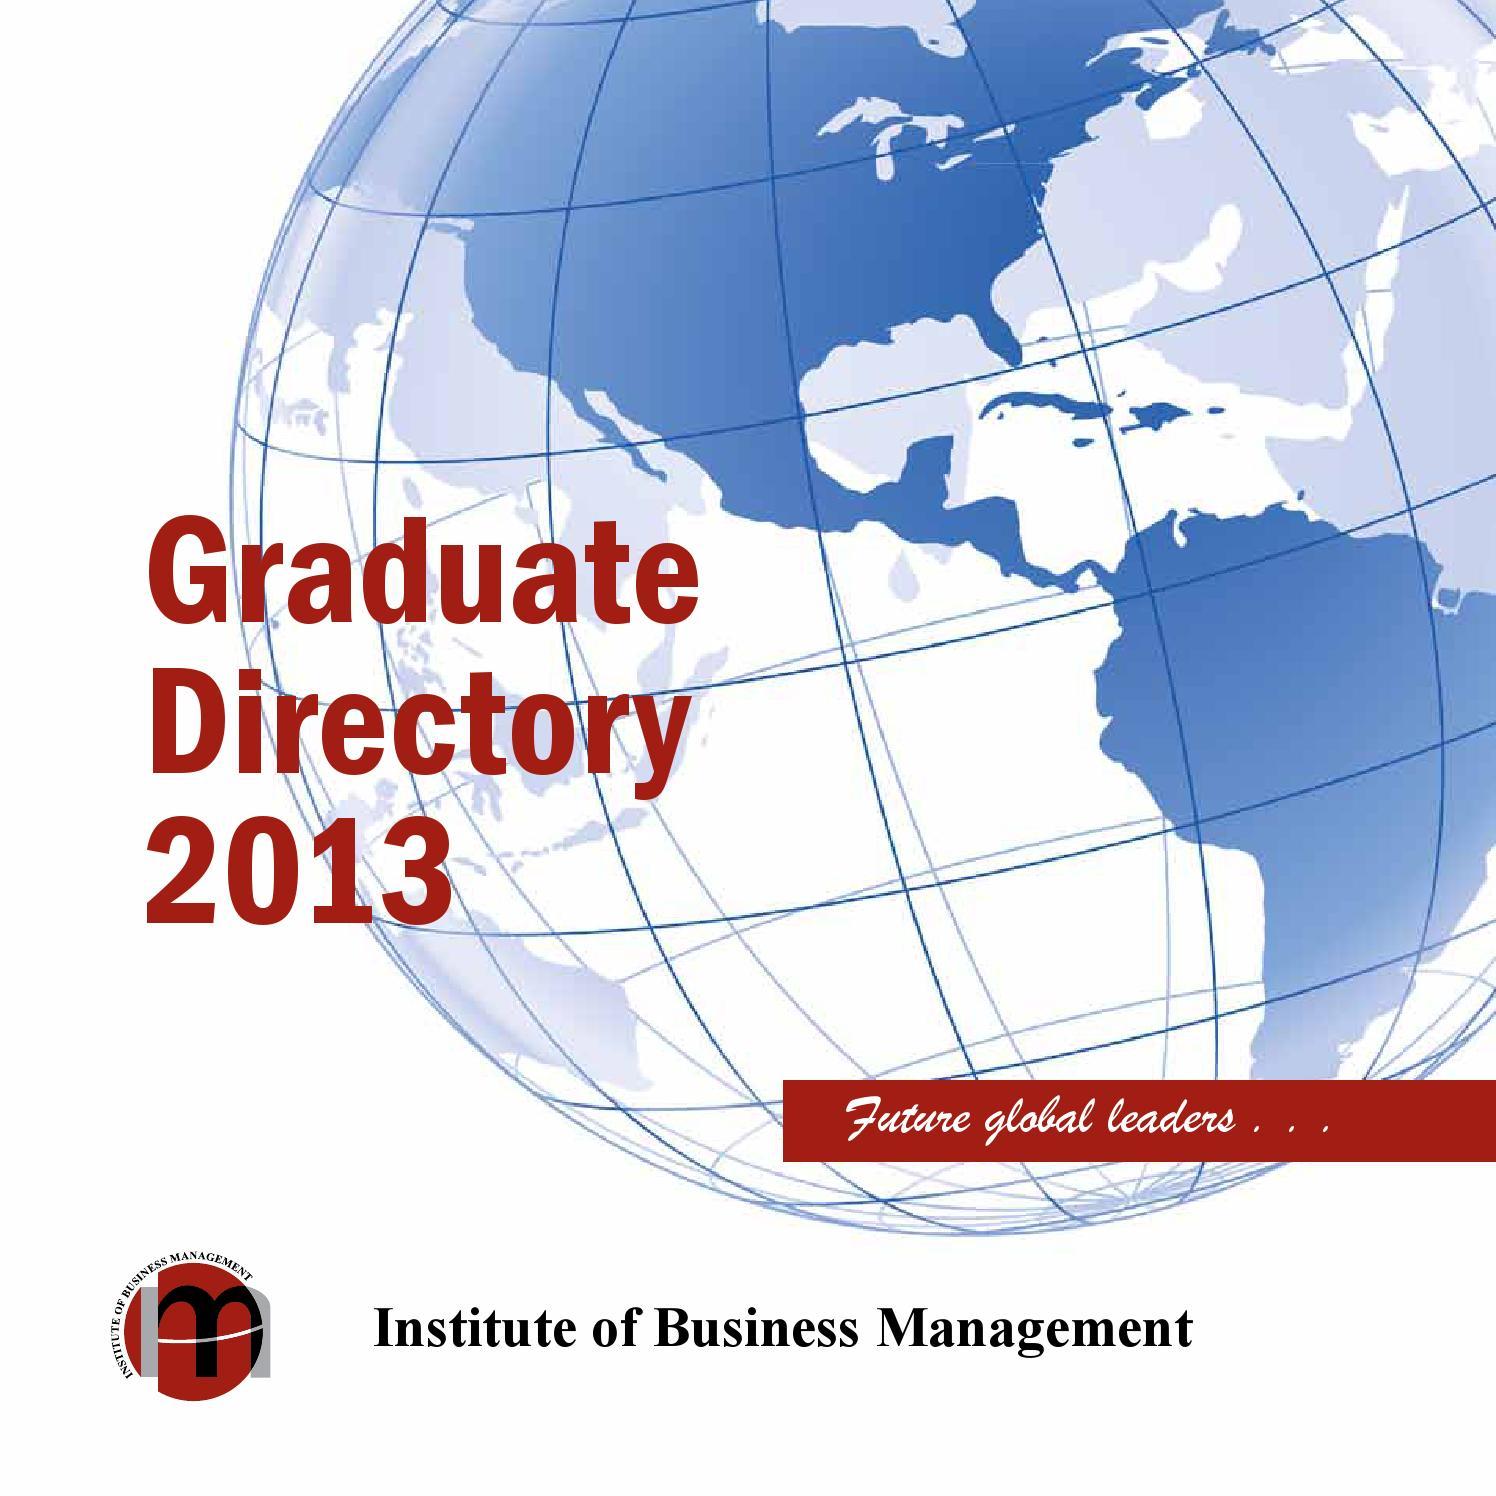 Graduatedirectory iobm 2013 by IoBM - issuu